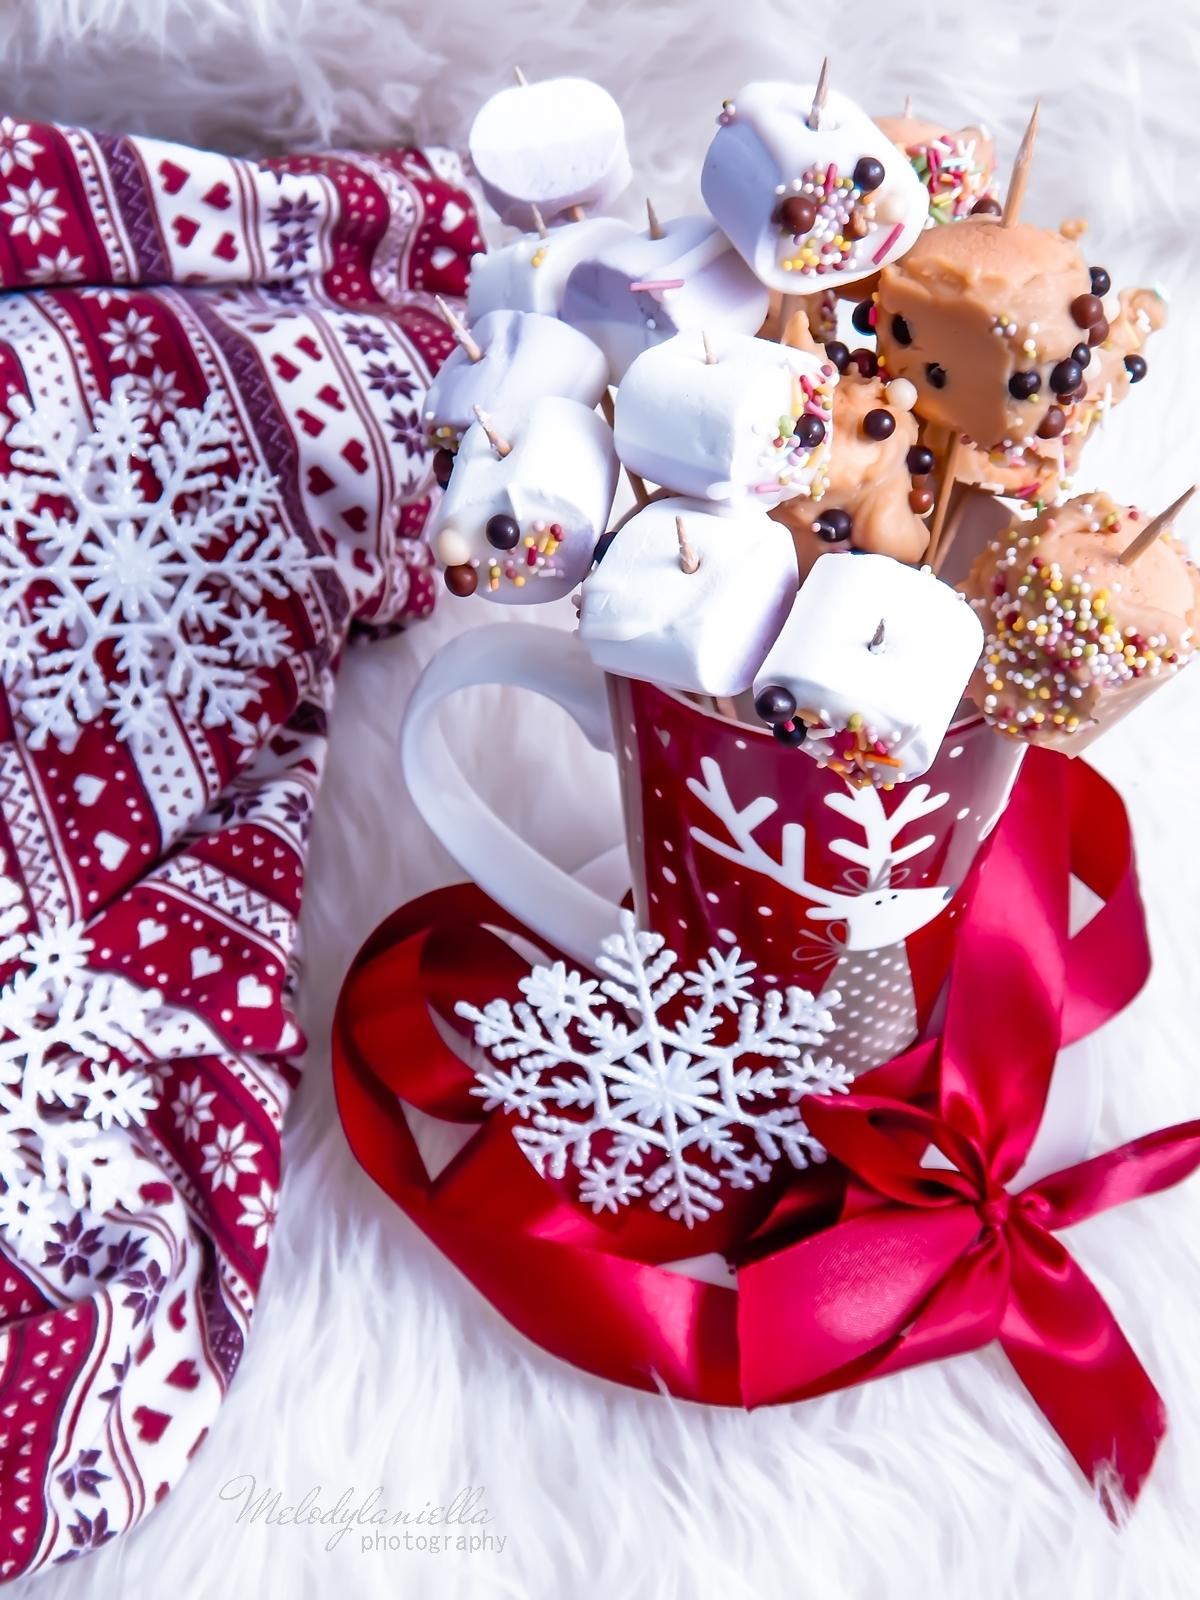 11  szybkie przekąski z pianek jojo, czekolady, banana, swiateczne przysmaki na wykalaczkach efektowne słodycze na Boze Narodzenie zimowe slodkosci melodylaniella banan w karmelu